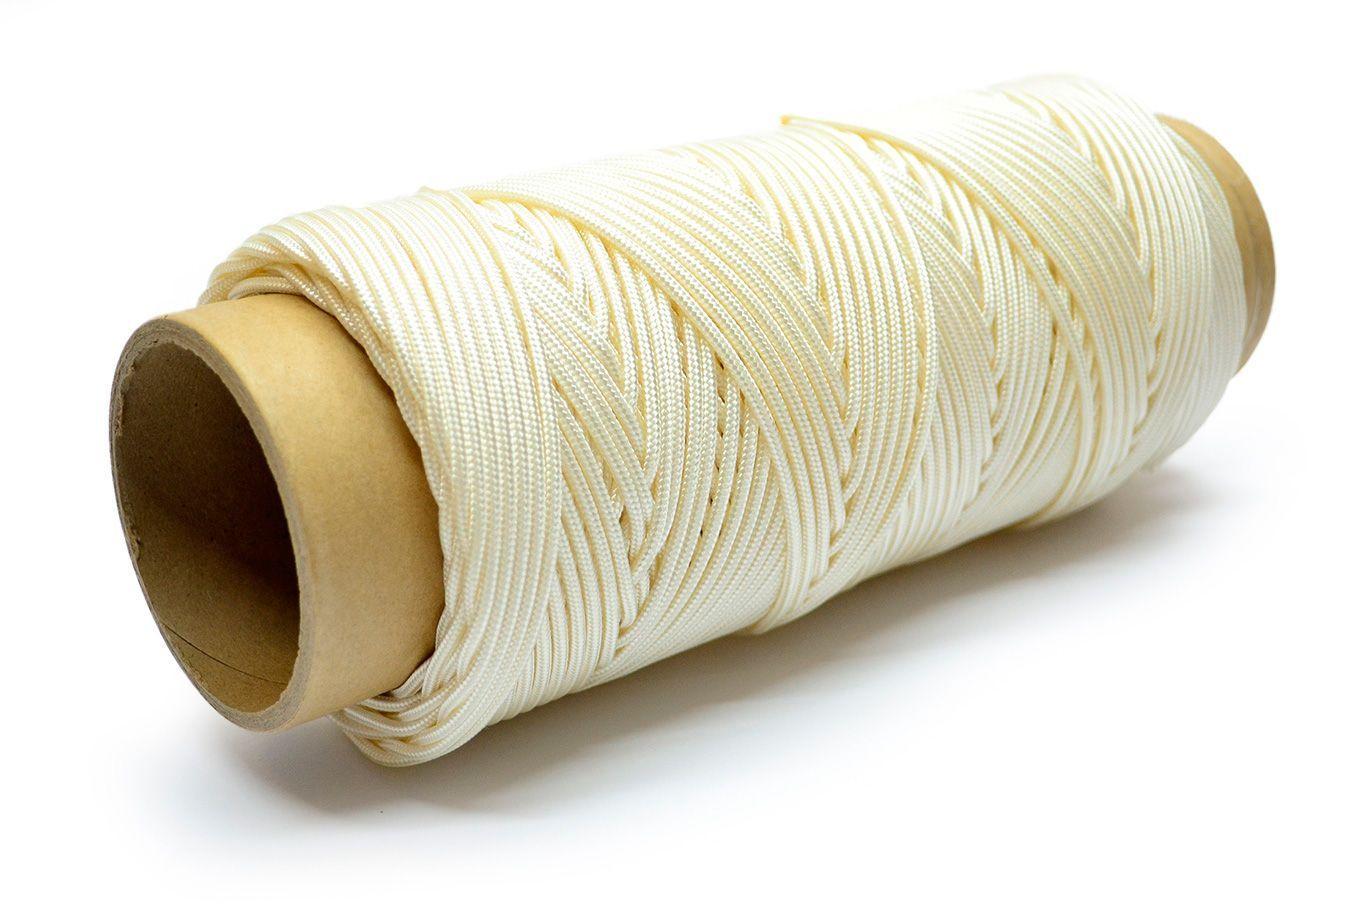 Нить для воздушного змея леер Poliamid 300 метров 2 мм 100 кг [KLK216]